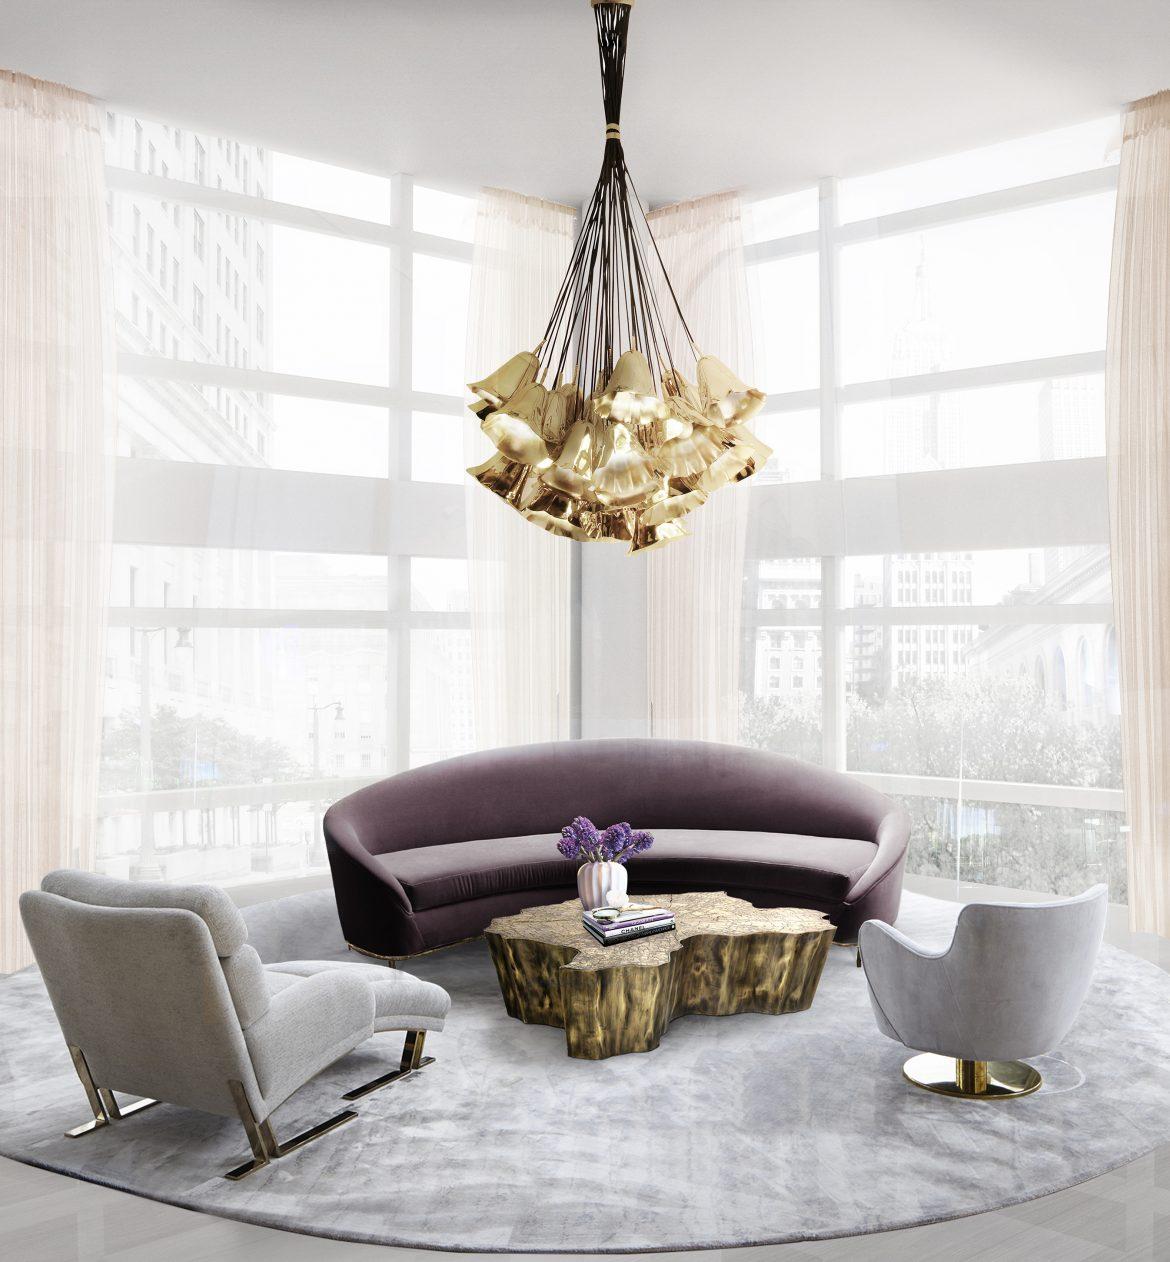 Couchtische aus Holz für einen weltoffenen Raum  Couchtische aus Holz für einen weltoffenen Raum gia chandelier vamp sofa koket projects